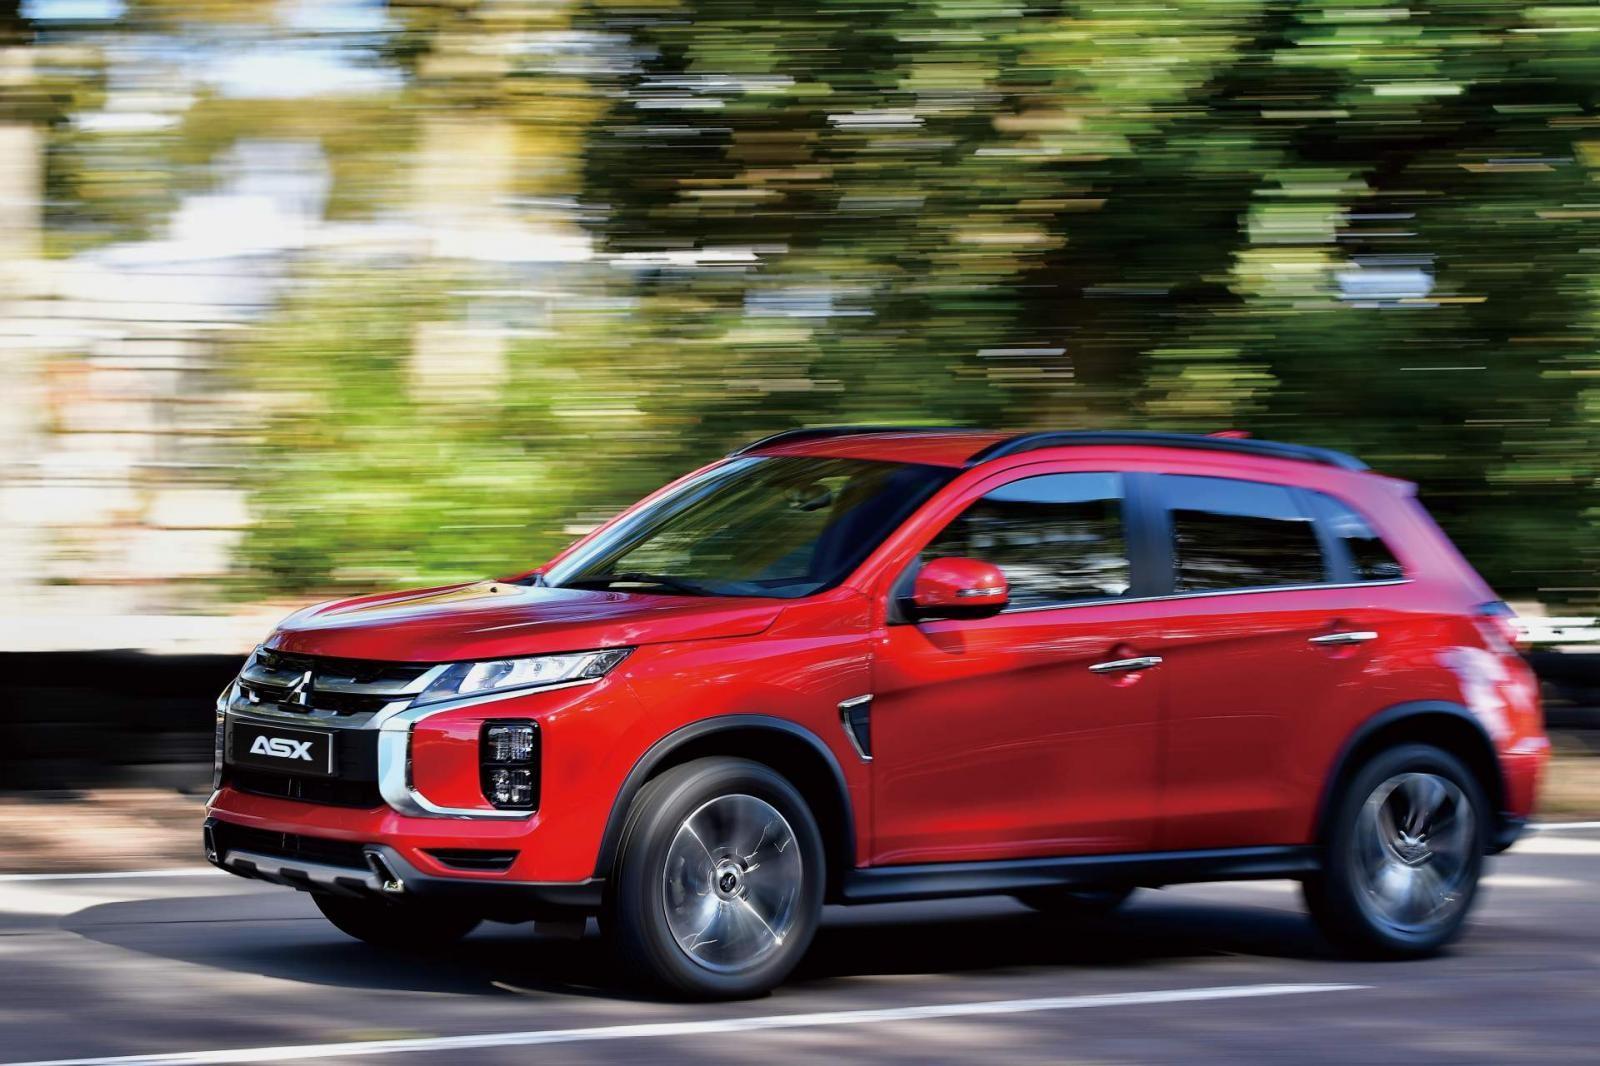 Mitsubishi Outlander Sport 2020 có cả ứng dụng báo lượng nhiên liệu còn trong bình